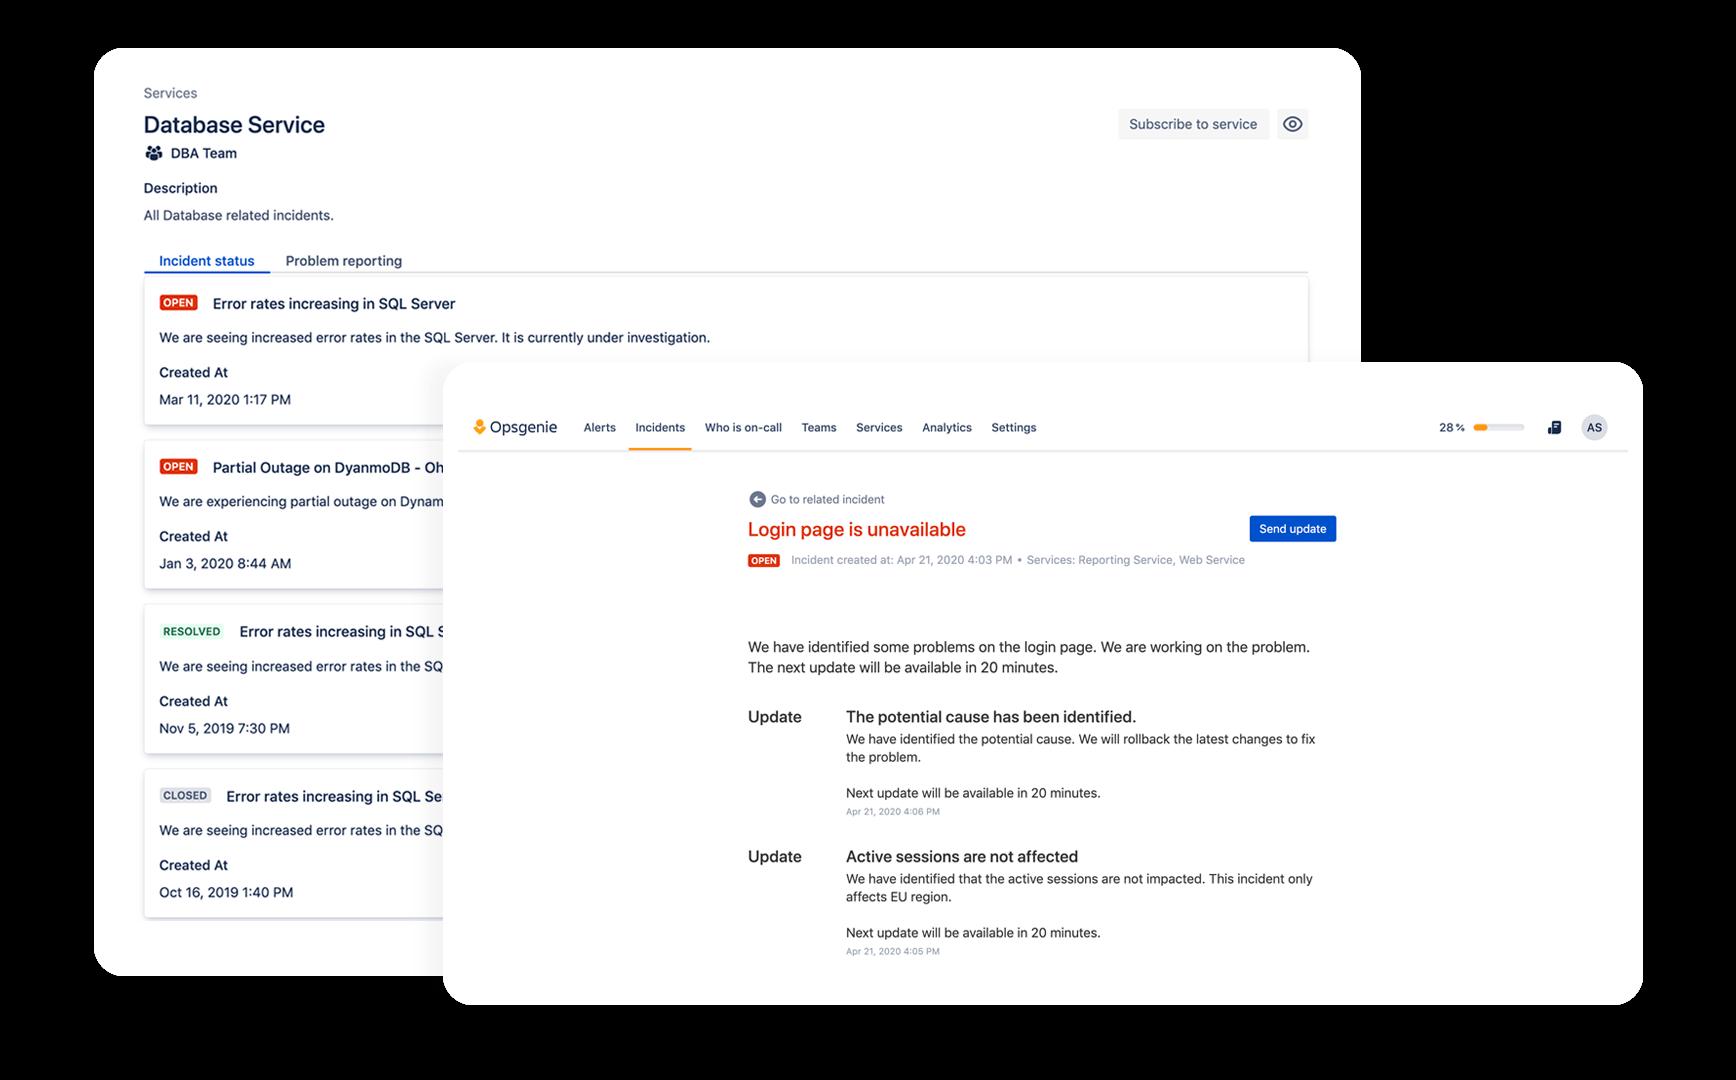 Снимок экрана: статус сервиса